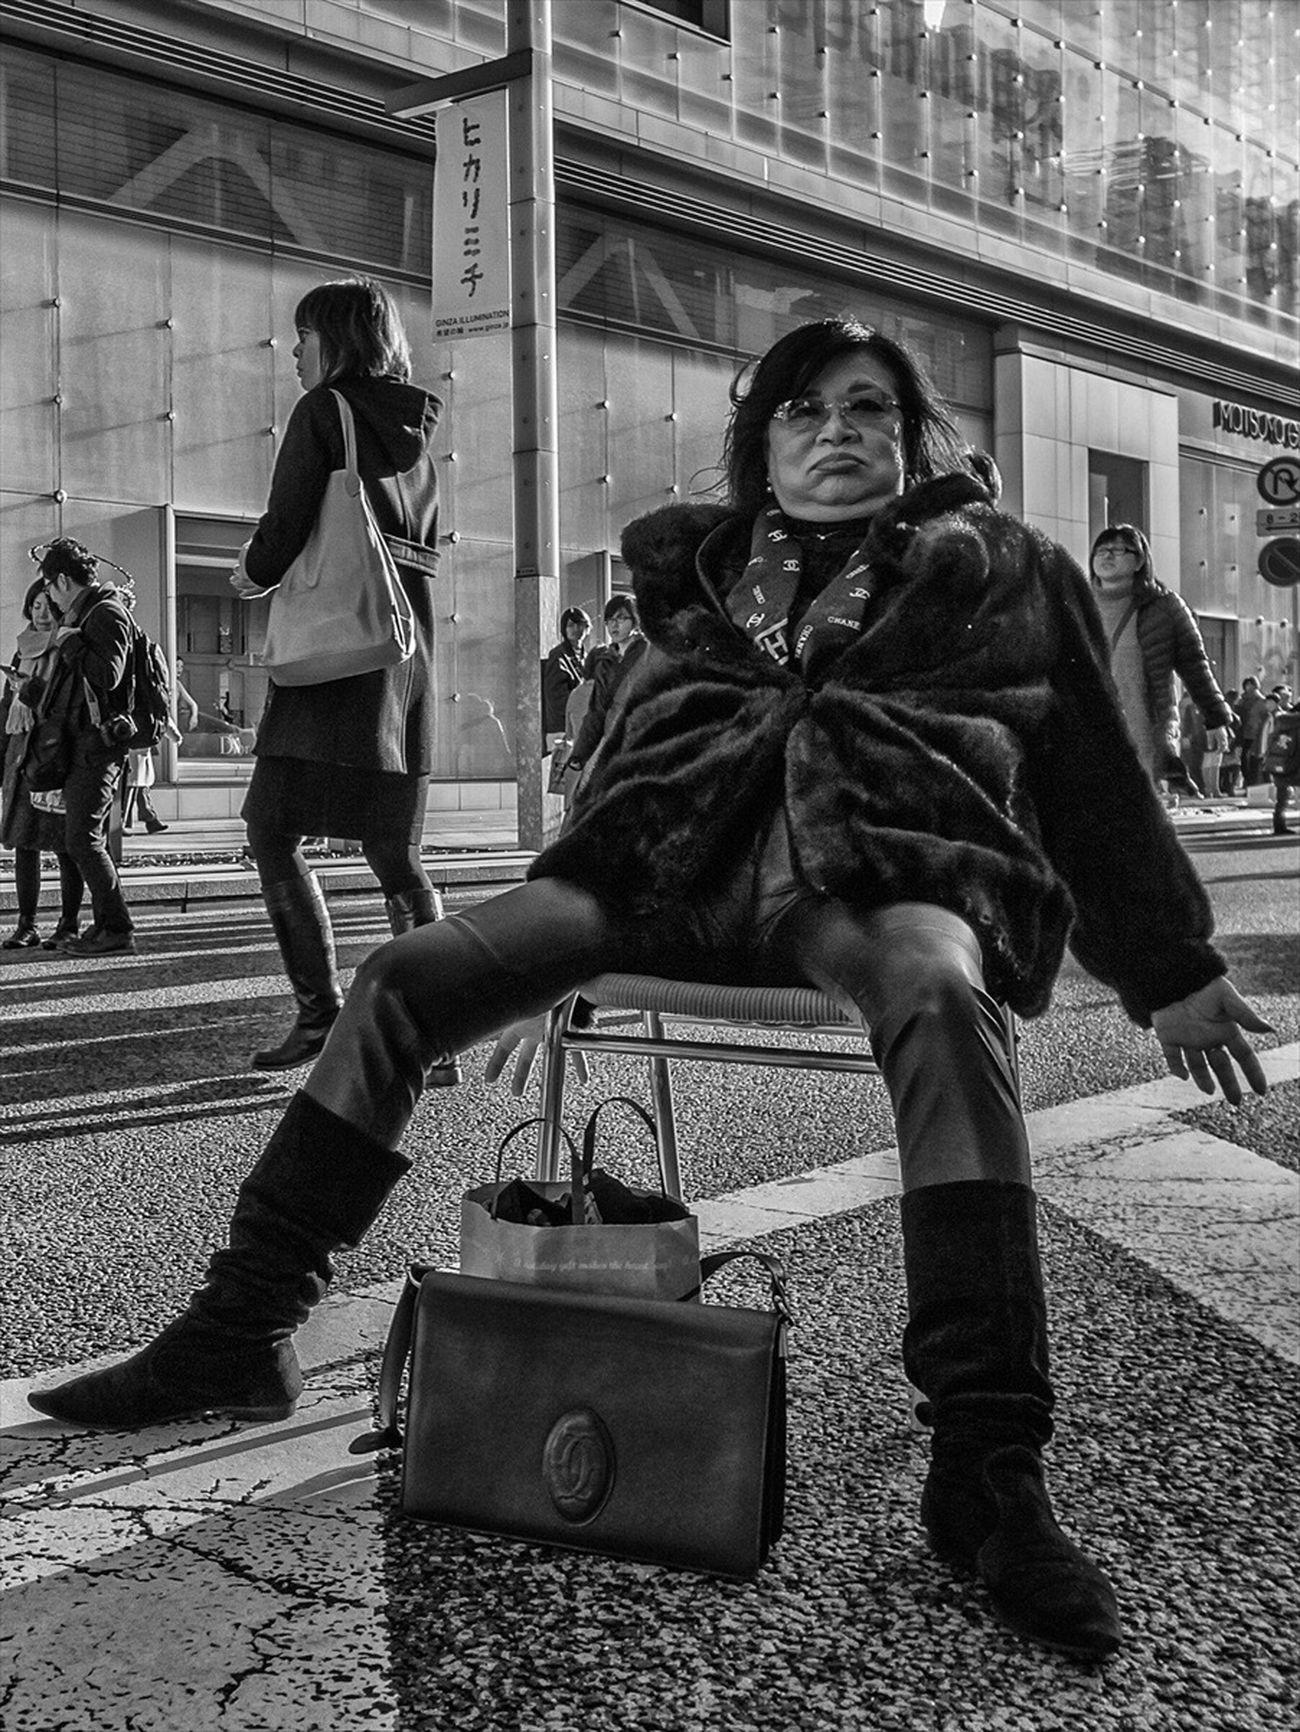 Streetphotography Streetphotographers Streetphotographer Streetphoto_bw Streetphoto Street Tokyo Shibuya SHINJYUKU